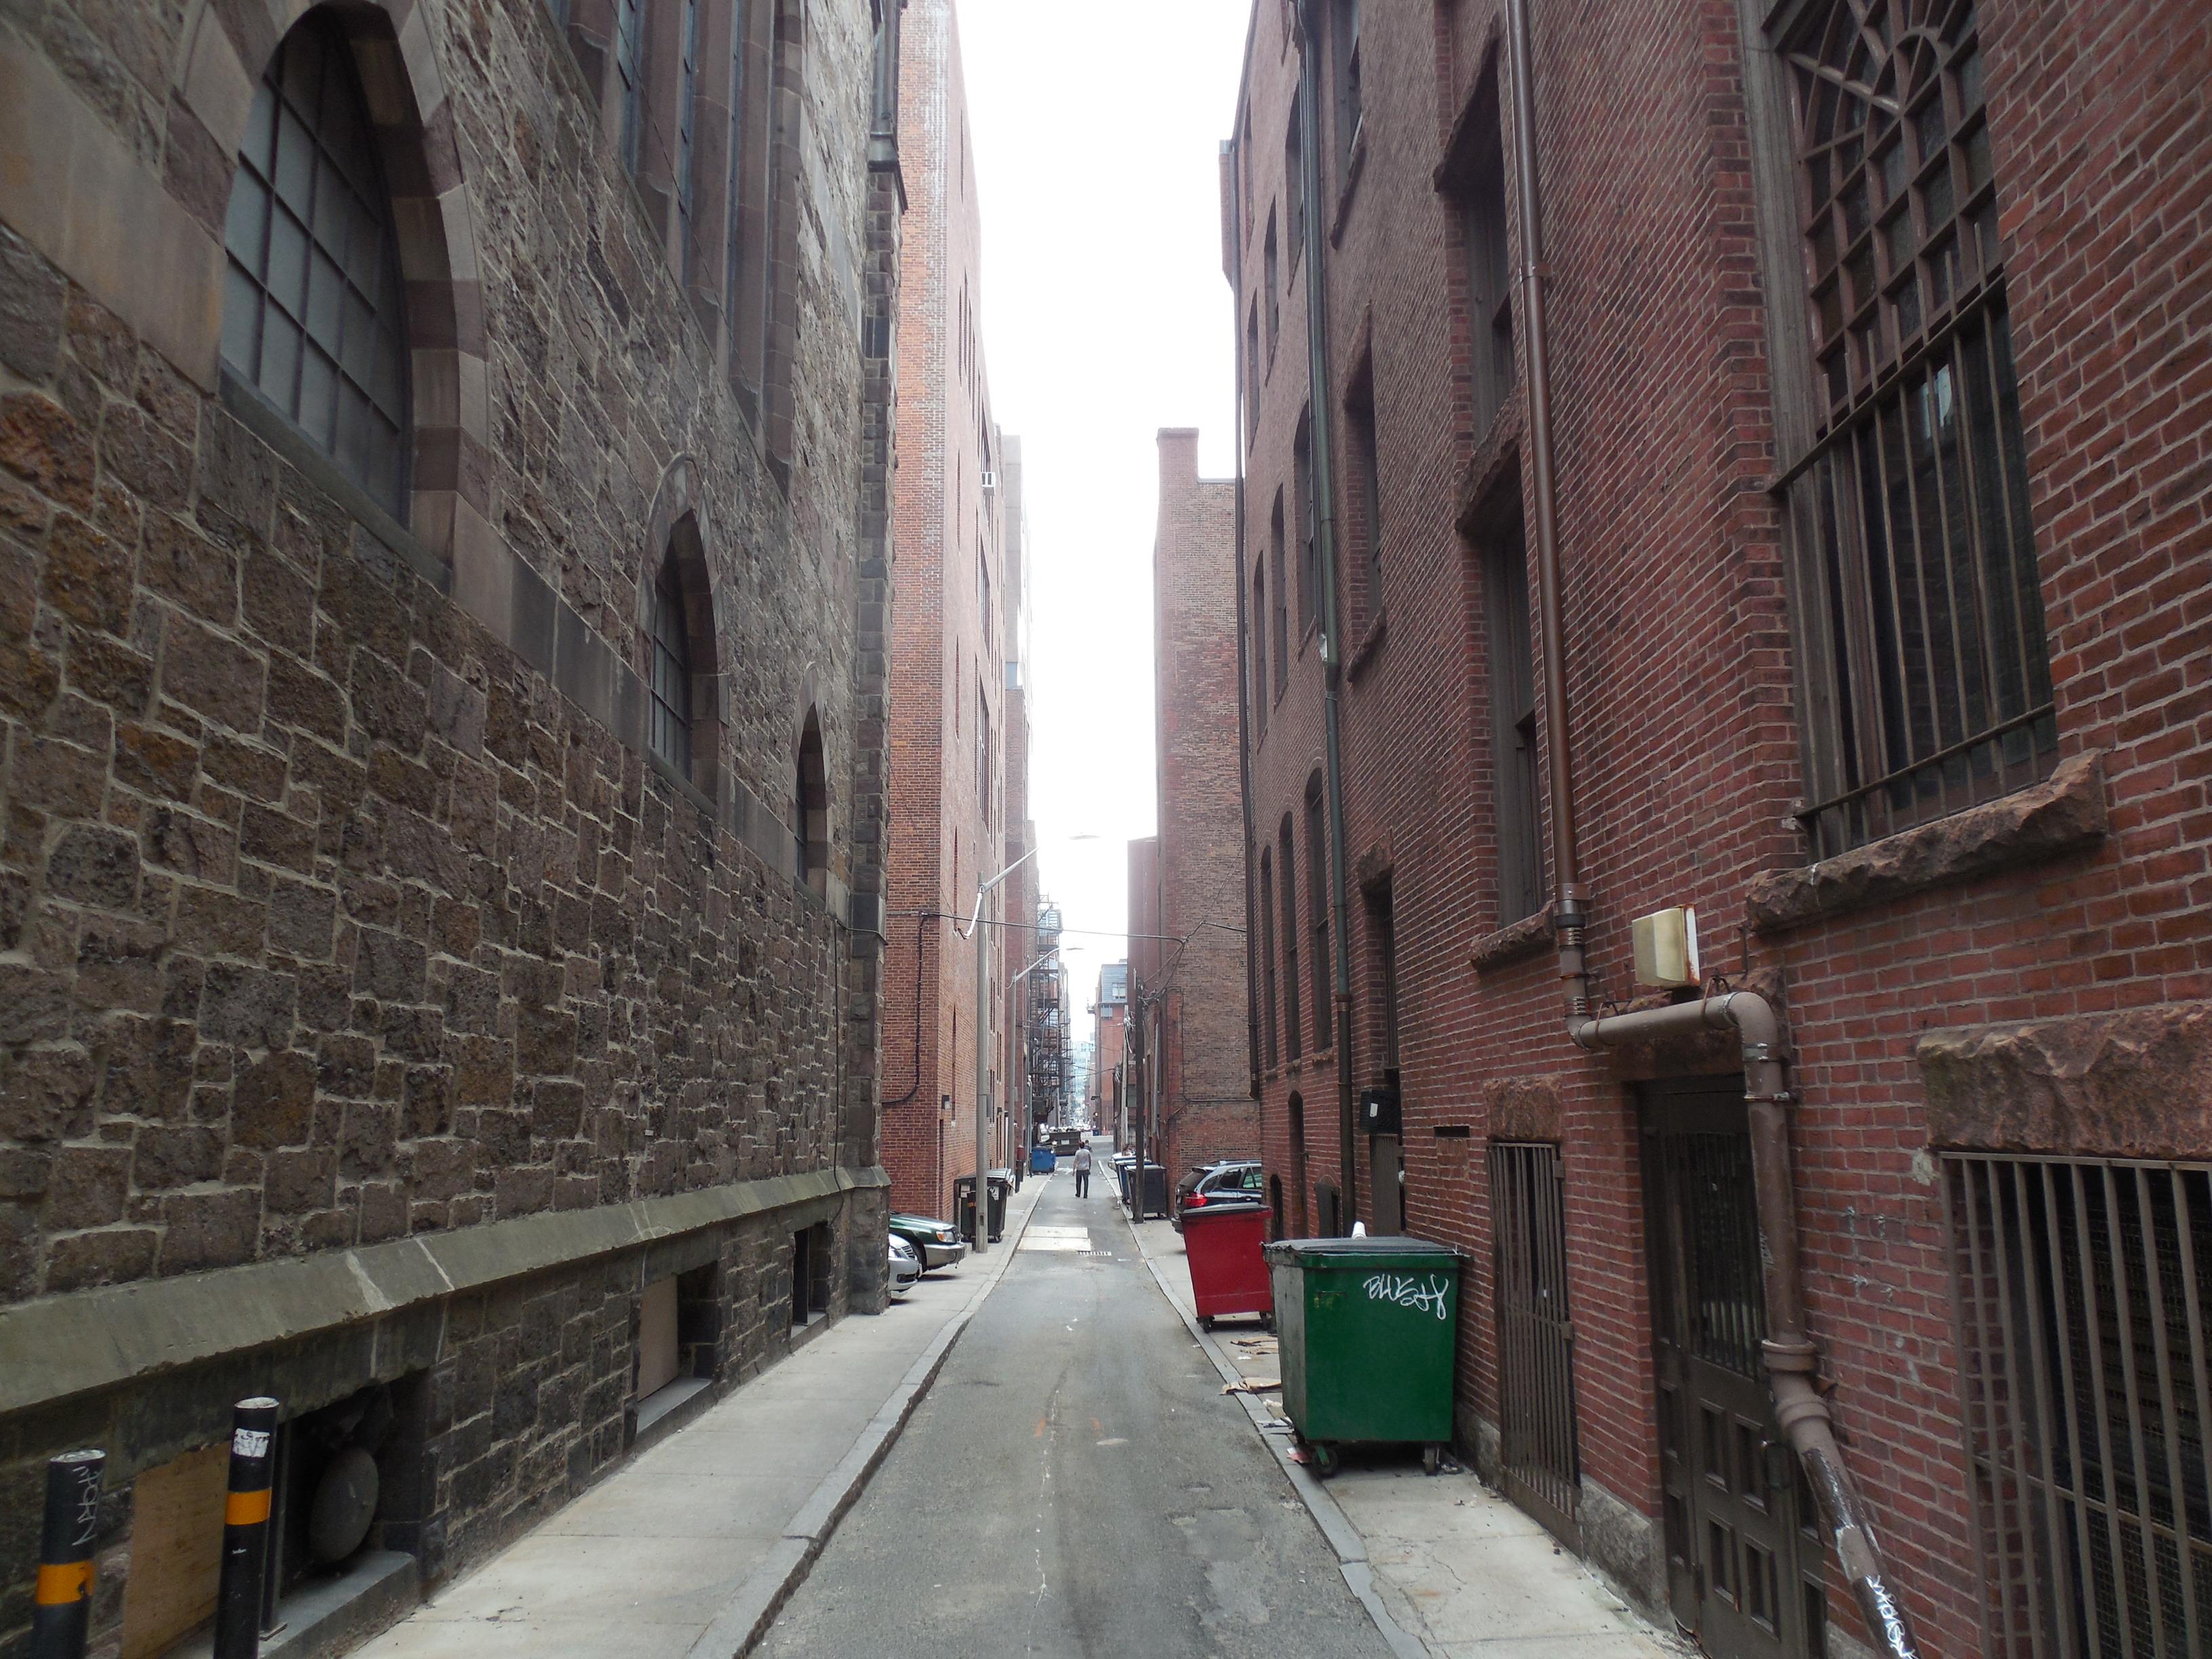 Boston alley photo